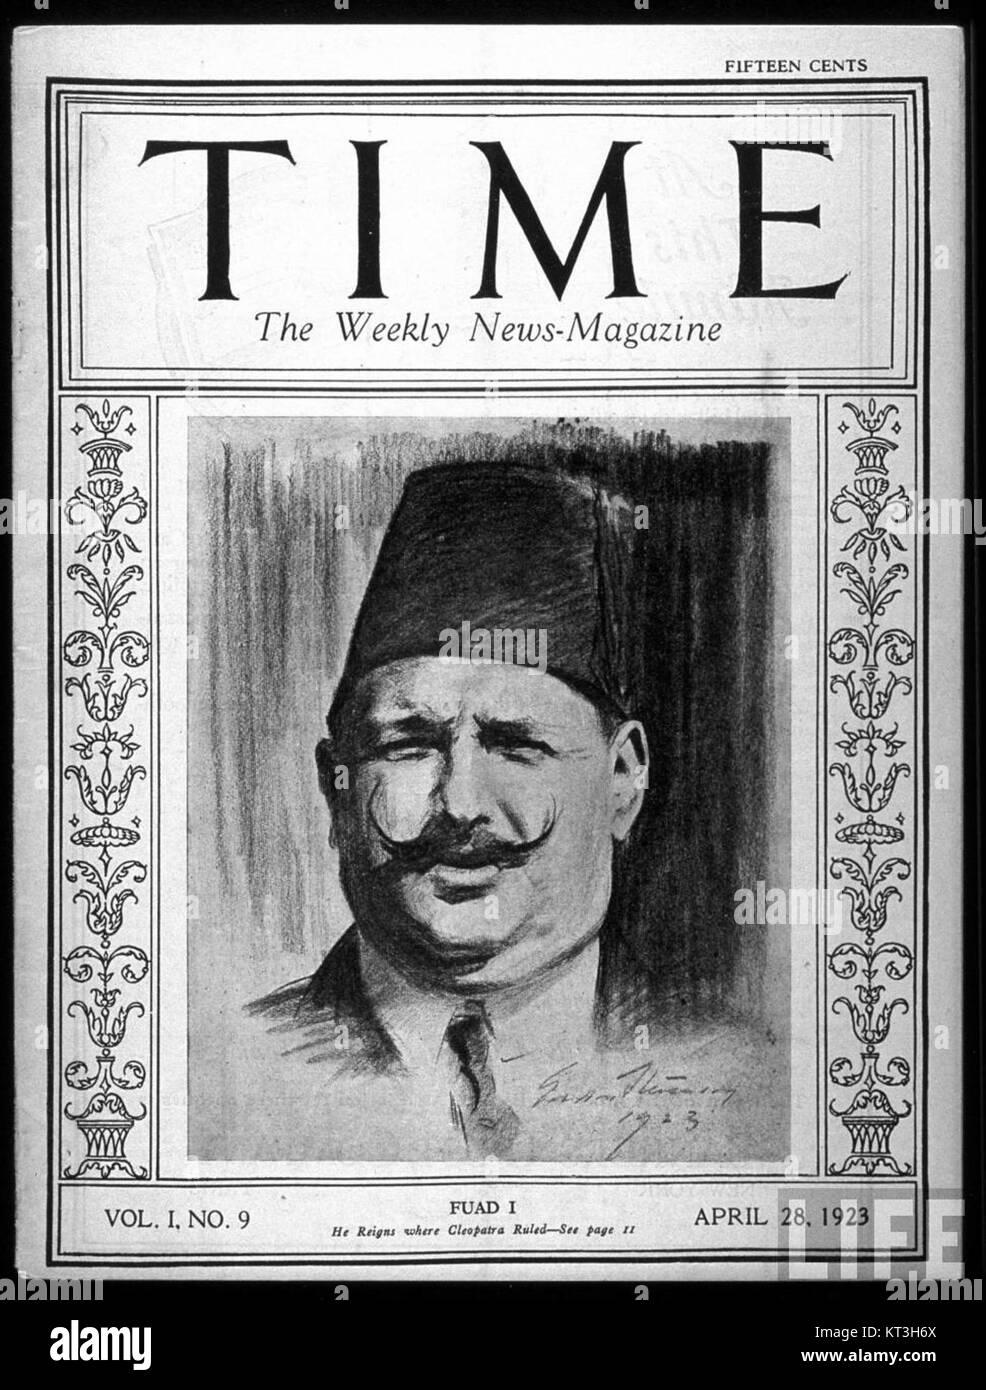 Fuad I on Time Magazine 1923 - Stock Image